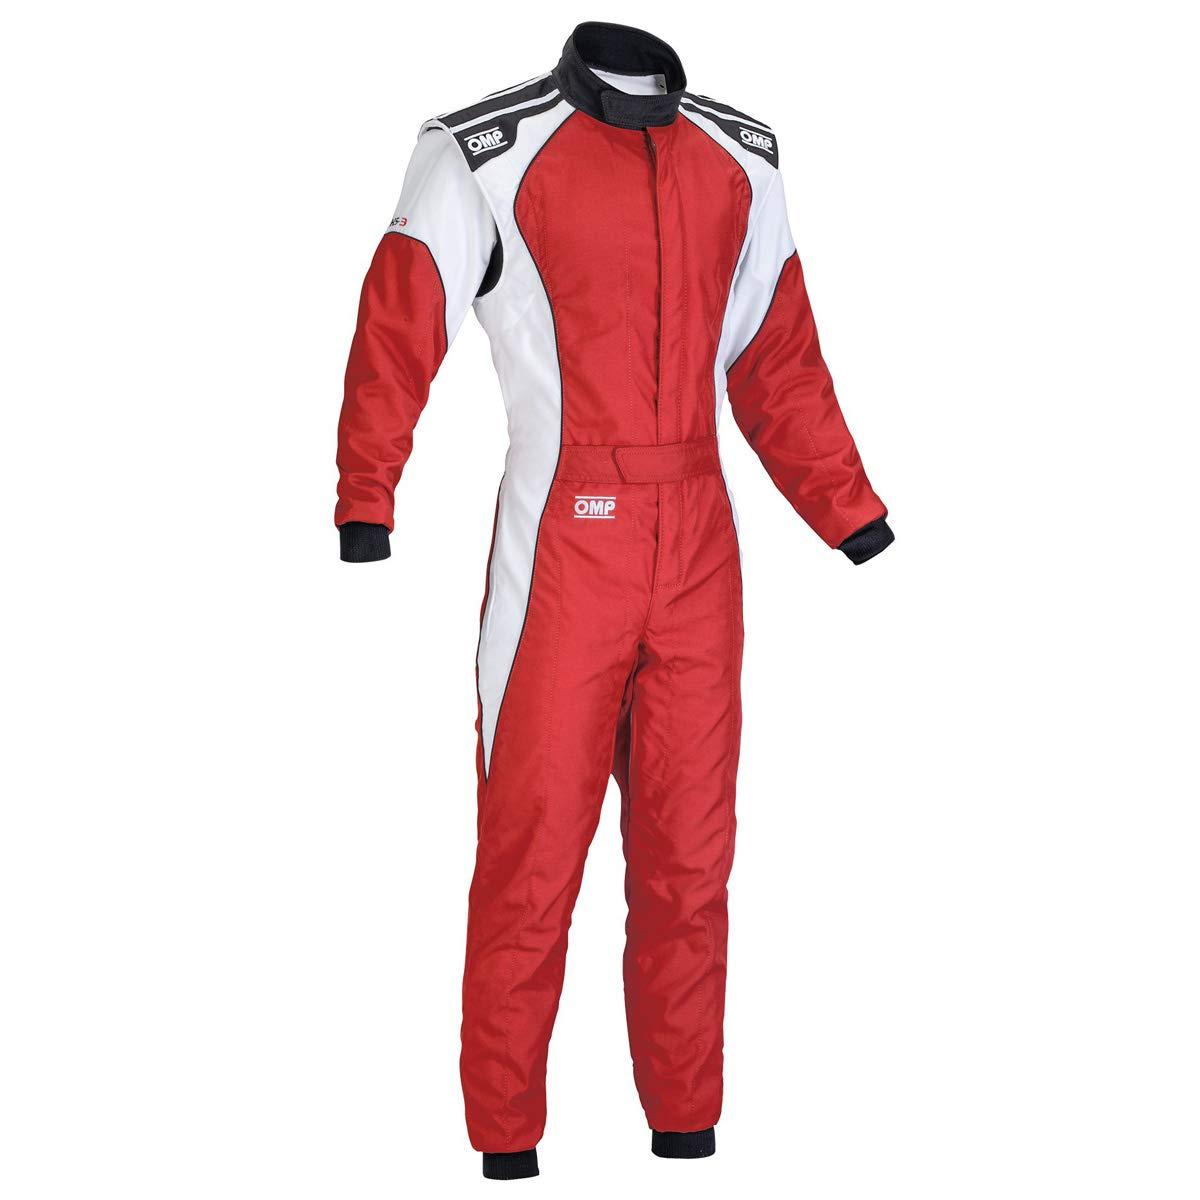 OMP KS-3 Kart Suit KK01723 (Size: 48, Black/White)